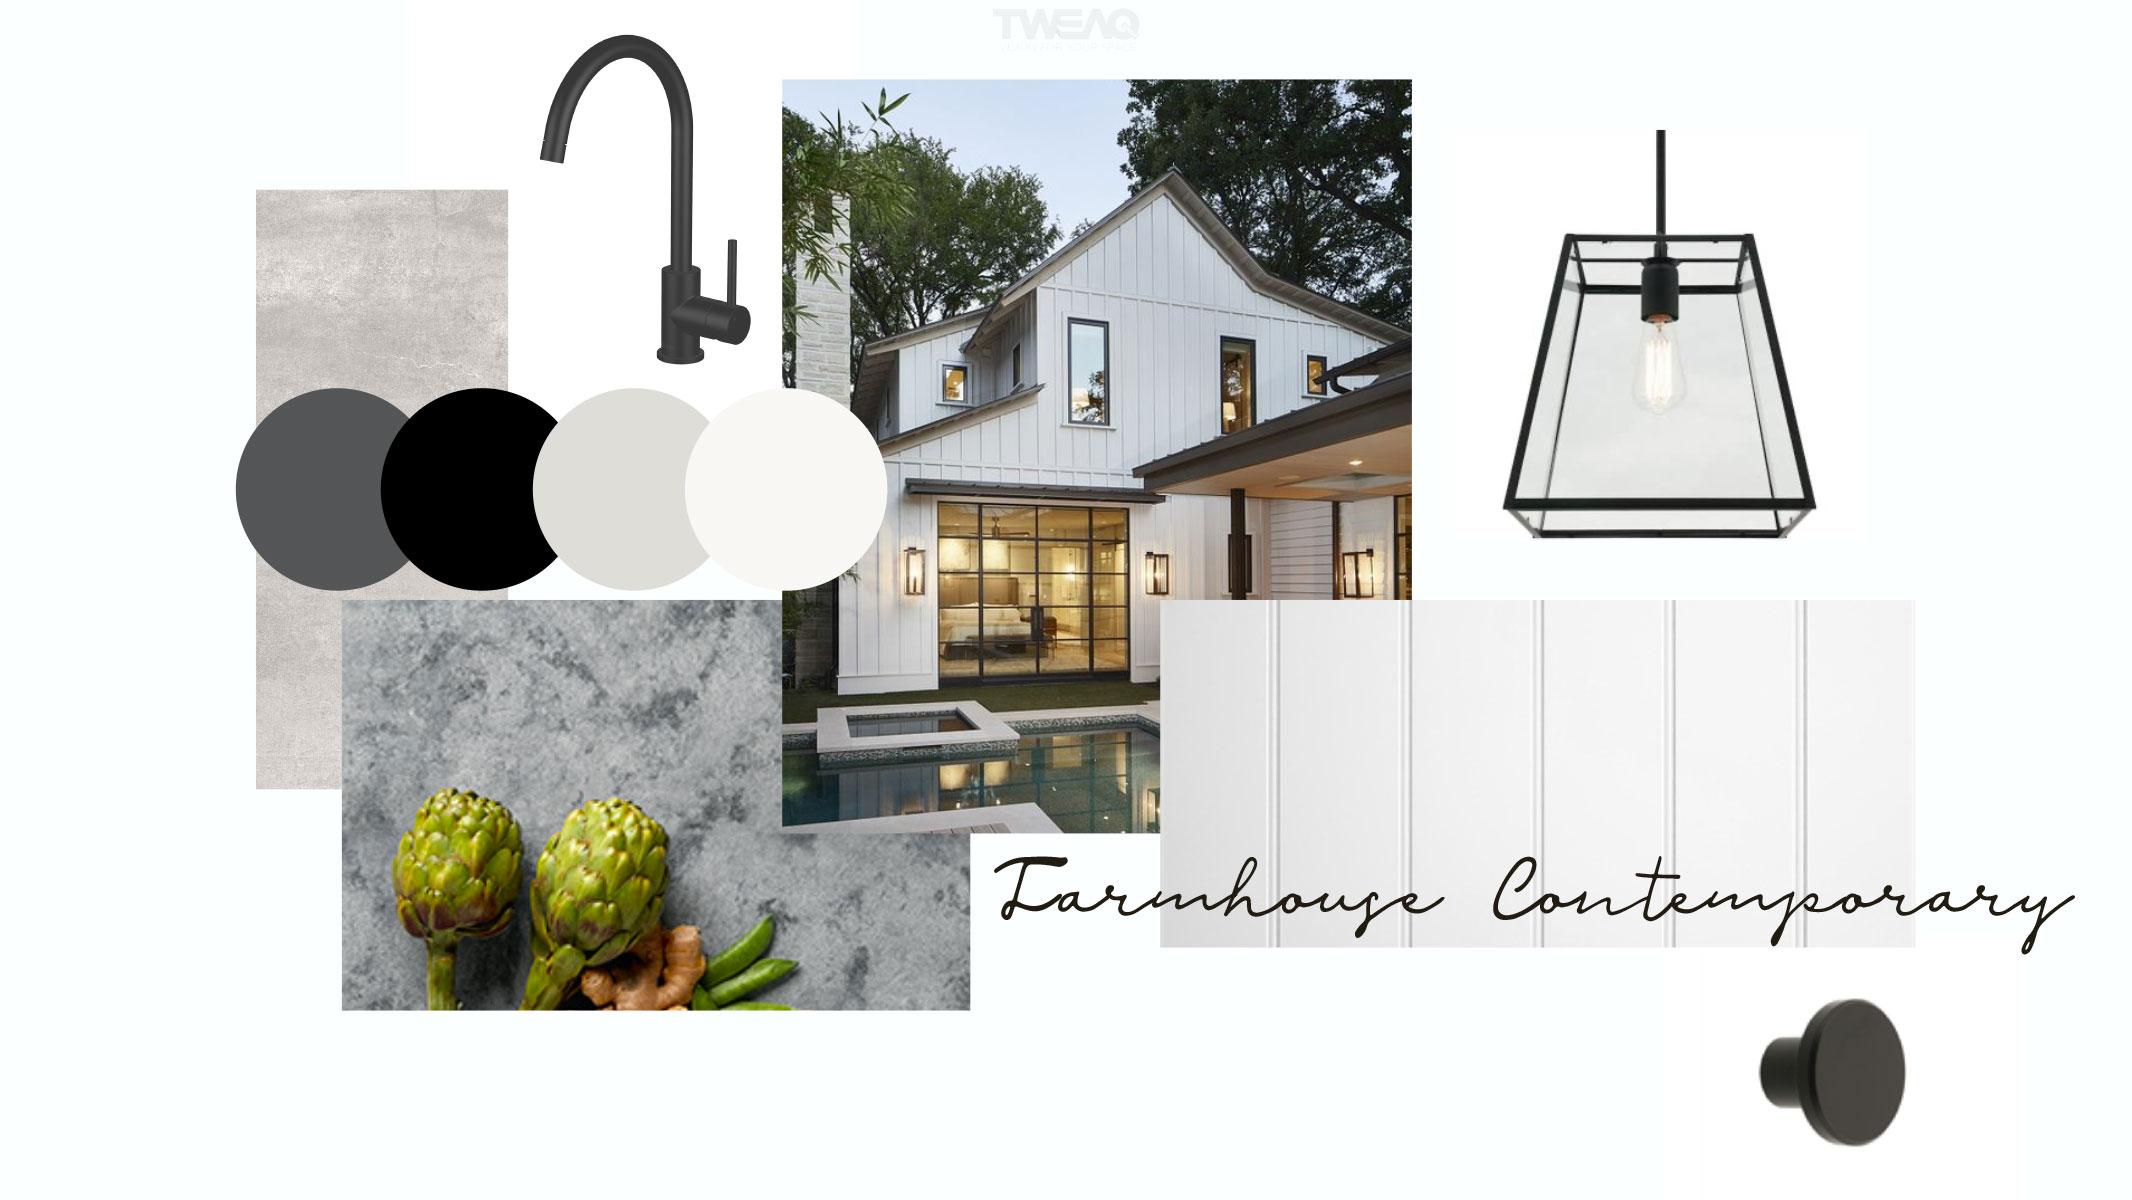 Farmhouse Contemporary